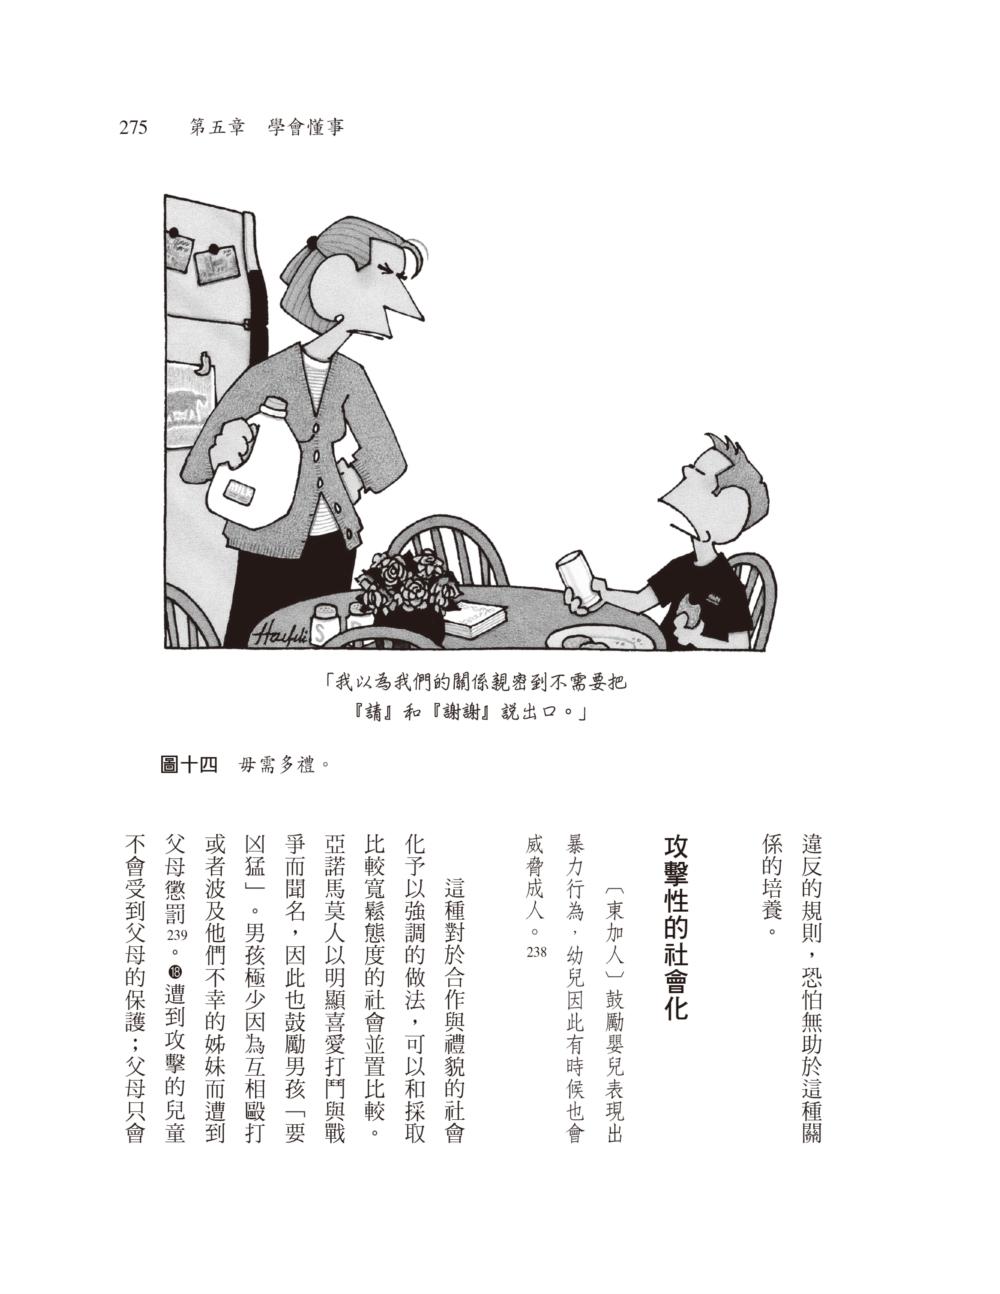 http://im1.book.com.tw/image/getImage?i=http://www.books.com.tw/img/001/076/59/0010765963_b_04.jpg&v=59f0107d&w=655&h=609